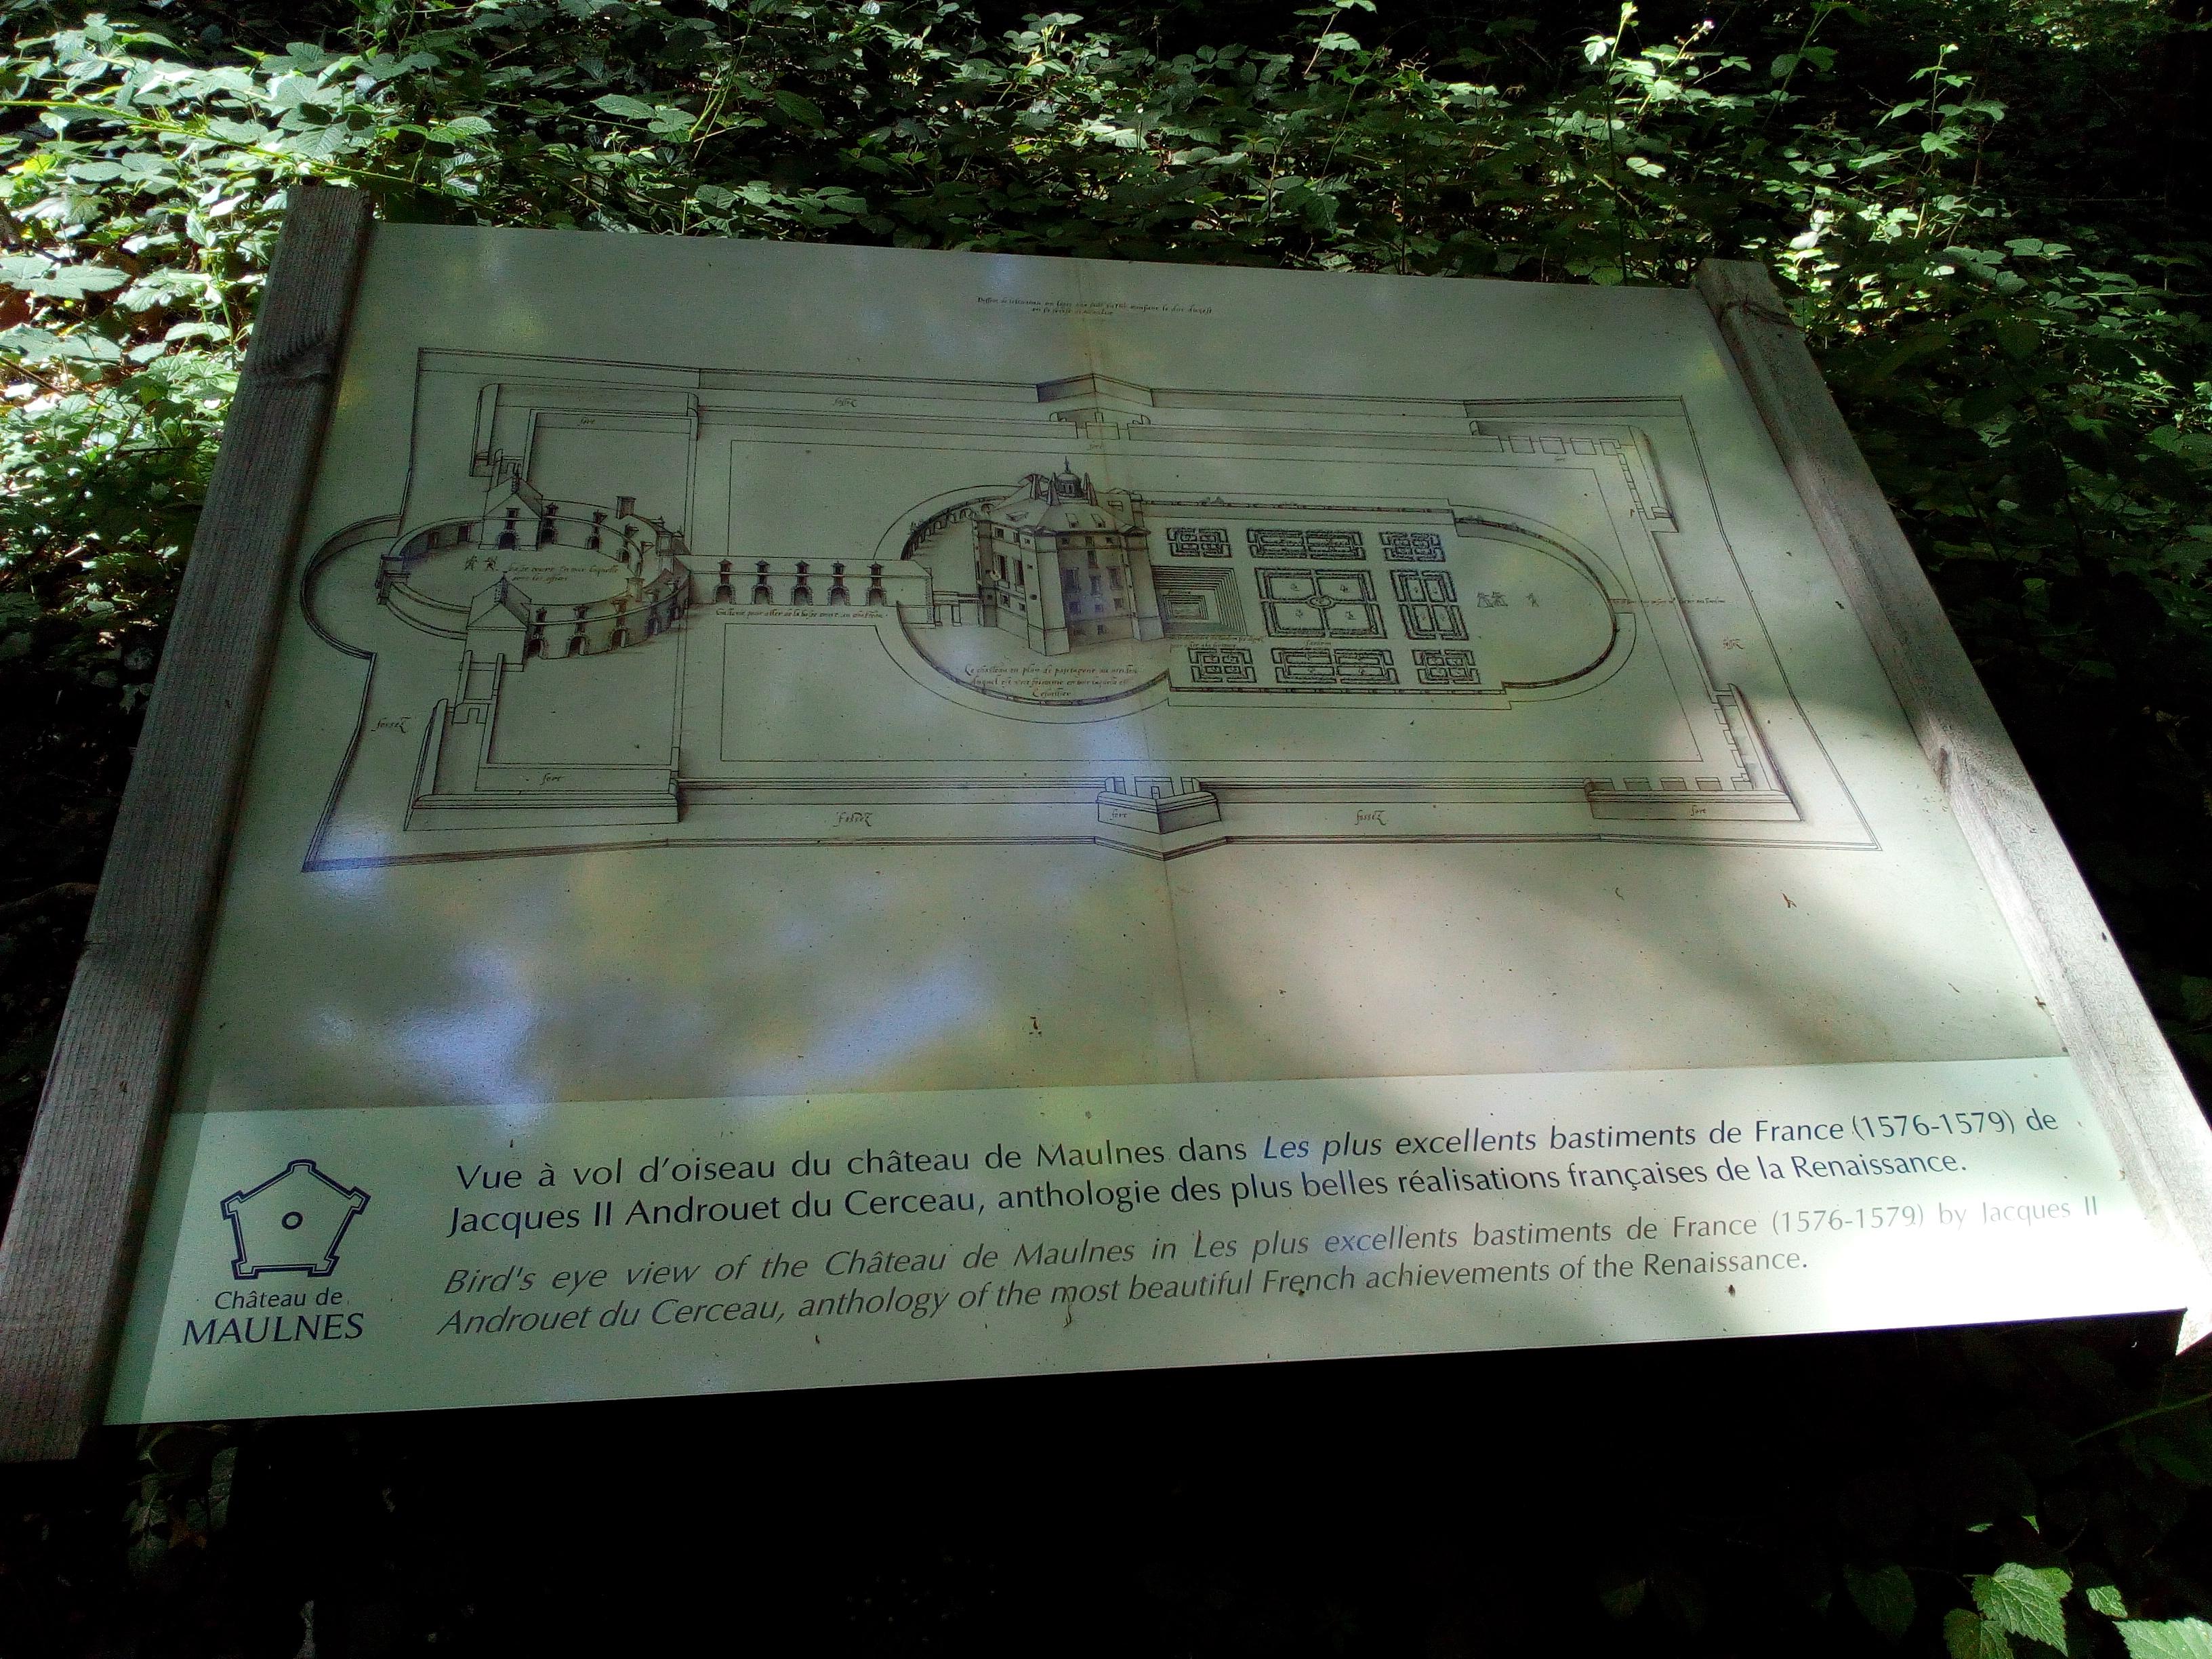 Plan du Château de Maulnes à Cruzy-le-Châtel (89)